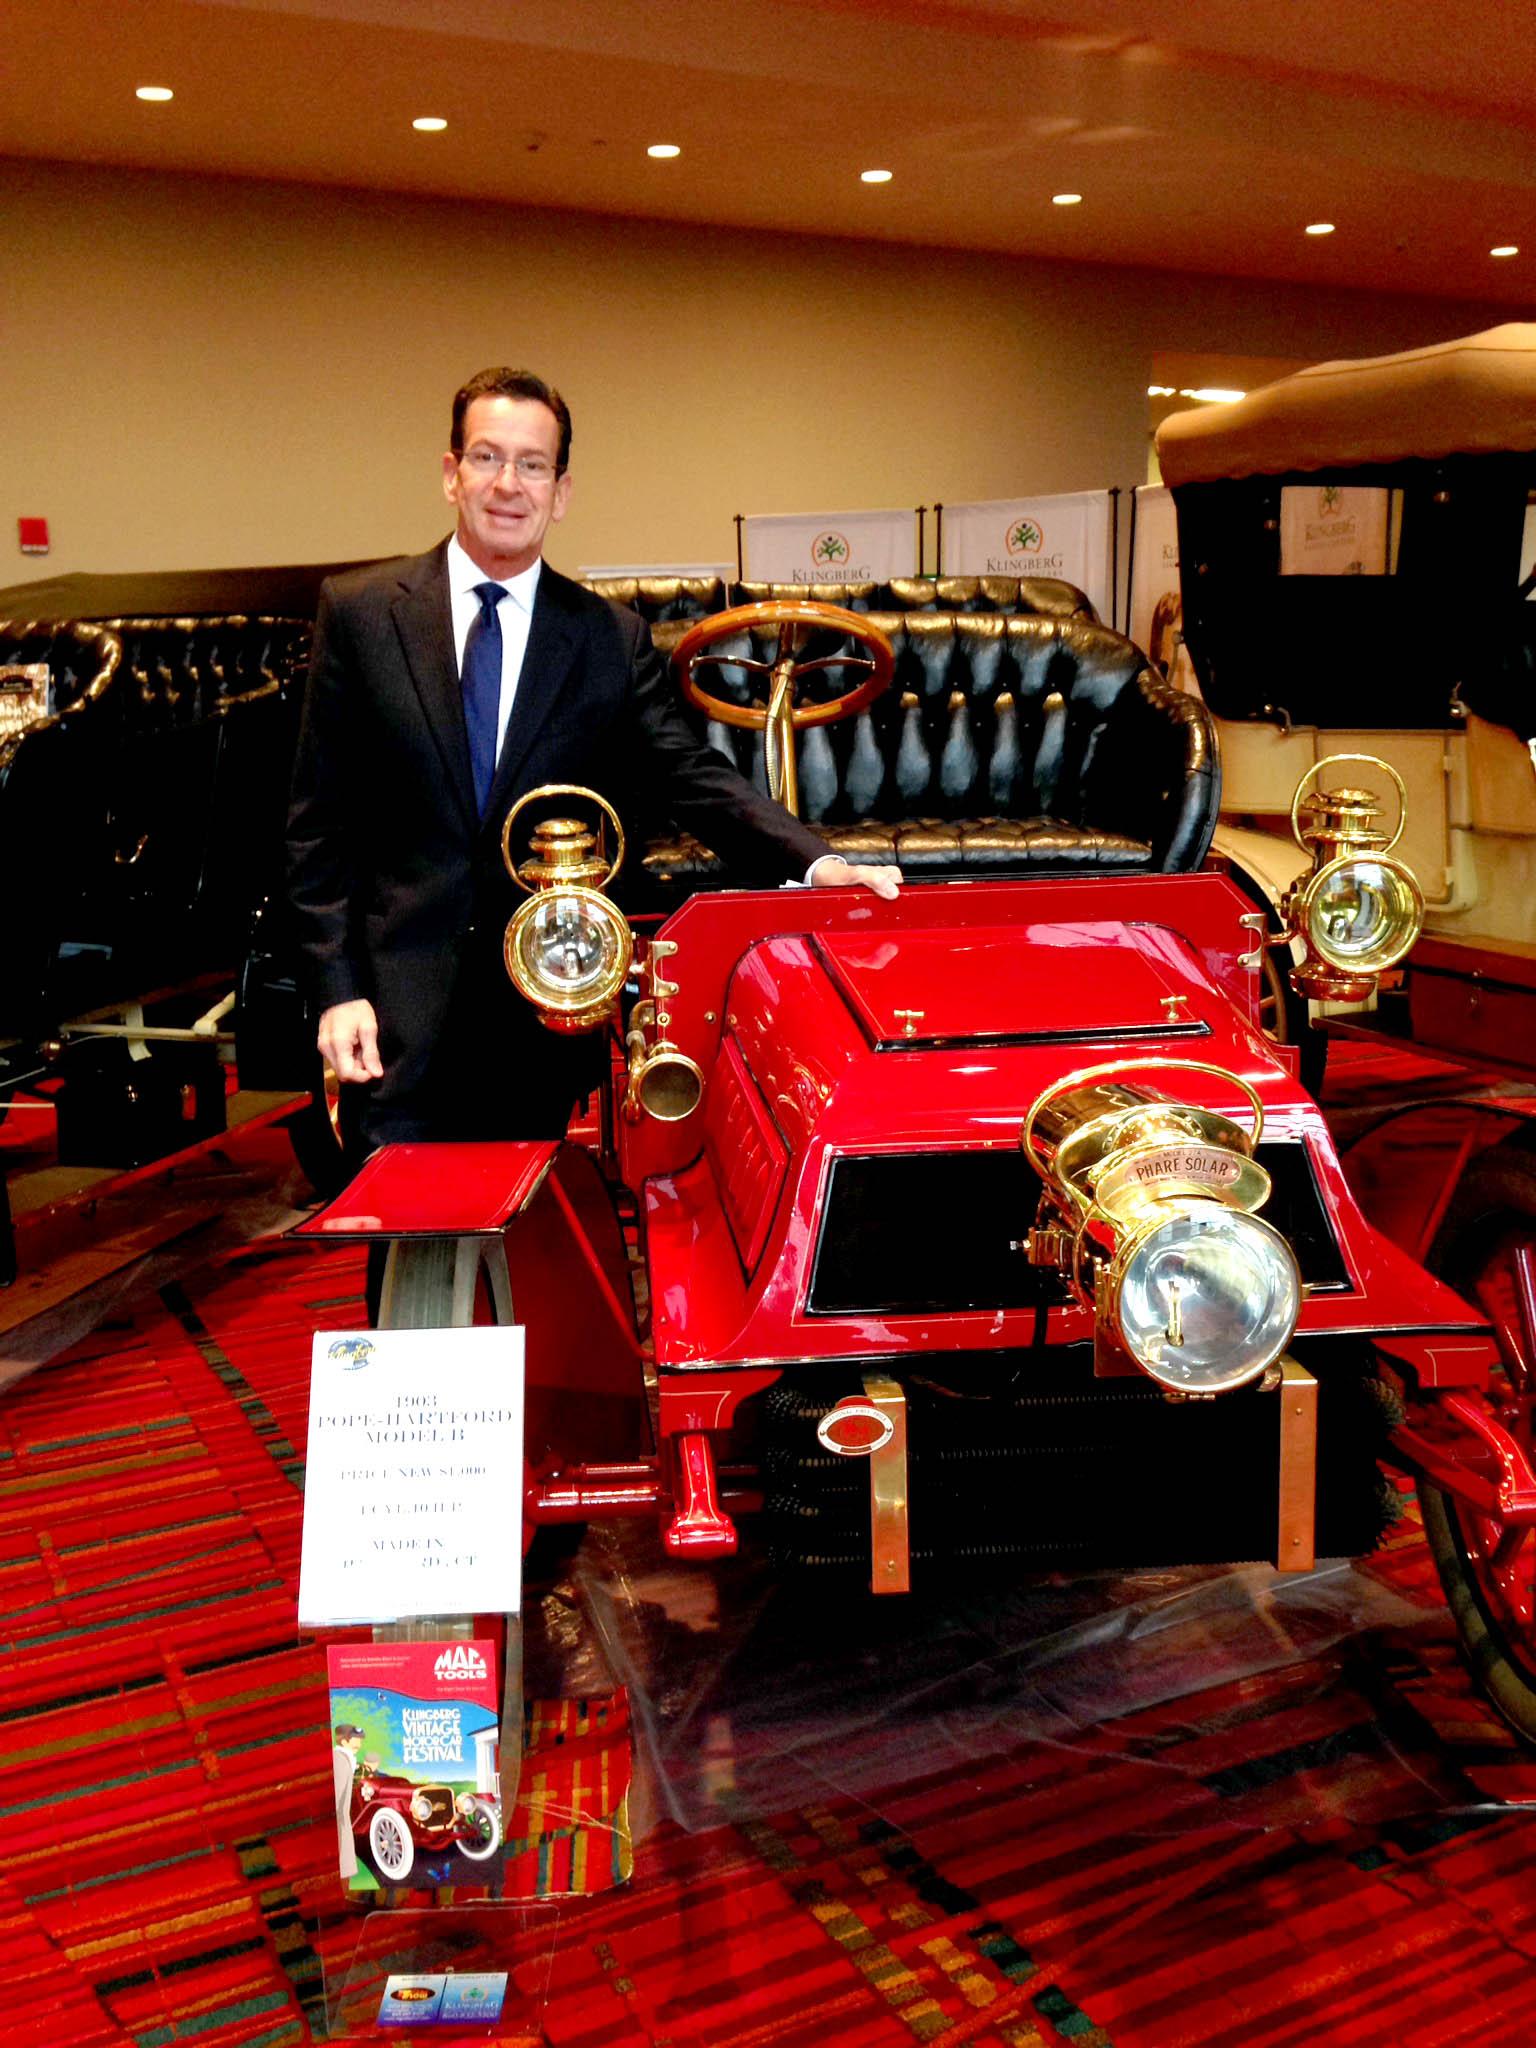 ct international car show 2014 klingberg vintage motor. Black Bedroom Furniture Sets. Home Design Ideas